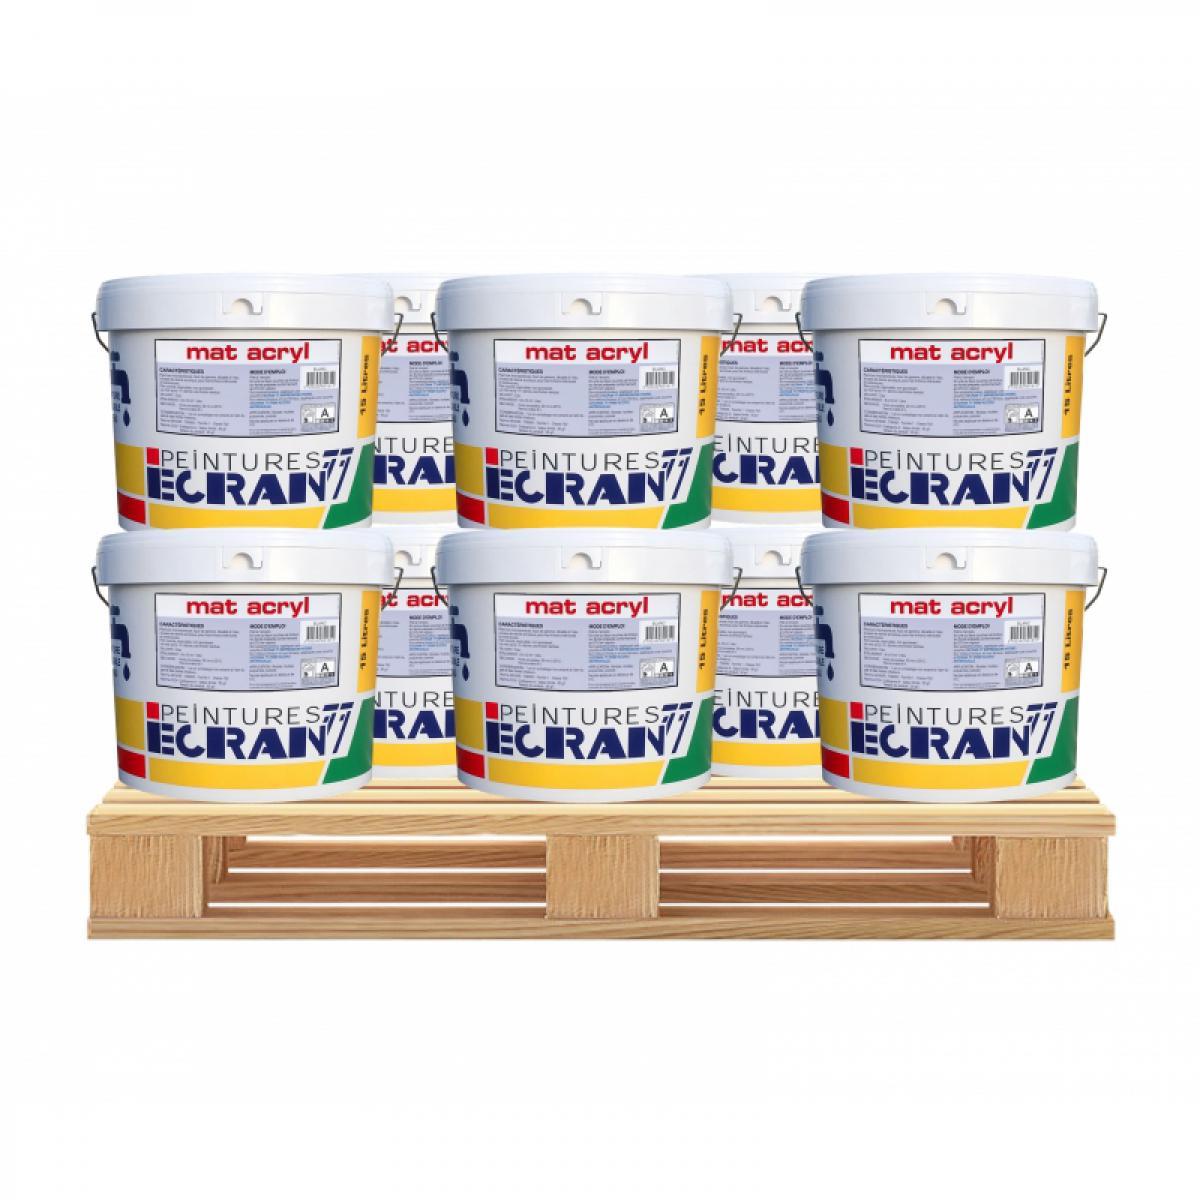 Ecran77 Peinture professionnelle acrylique, mat, intérieur et extérieur, pour murs, plafonds, MAT ACRYL-10 x 15L